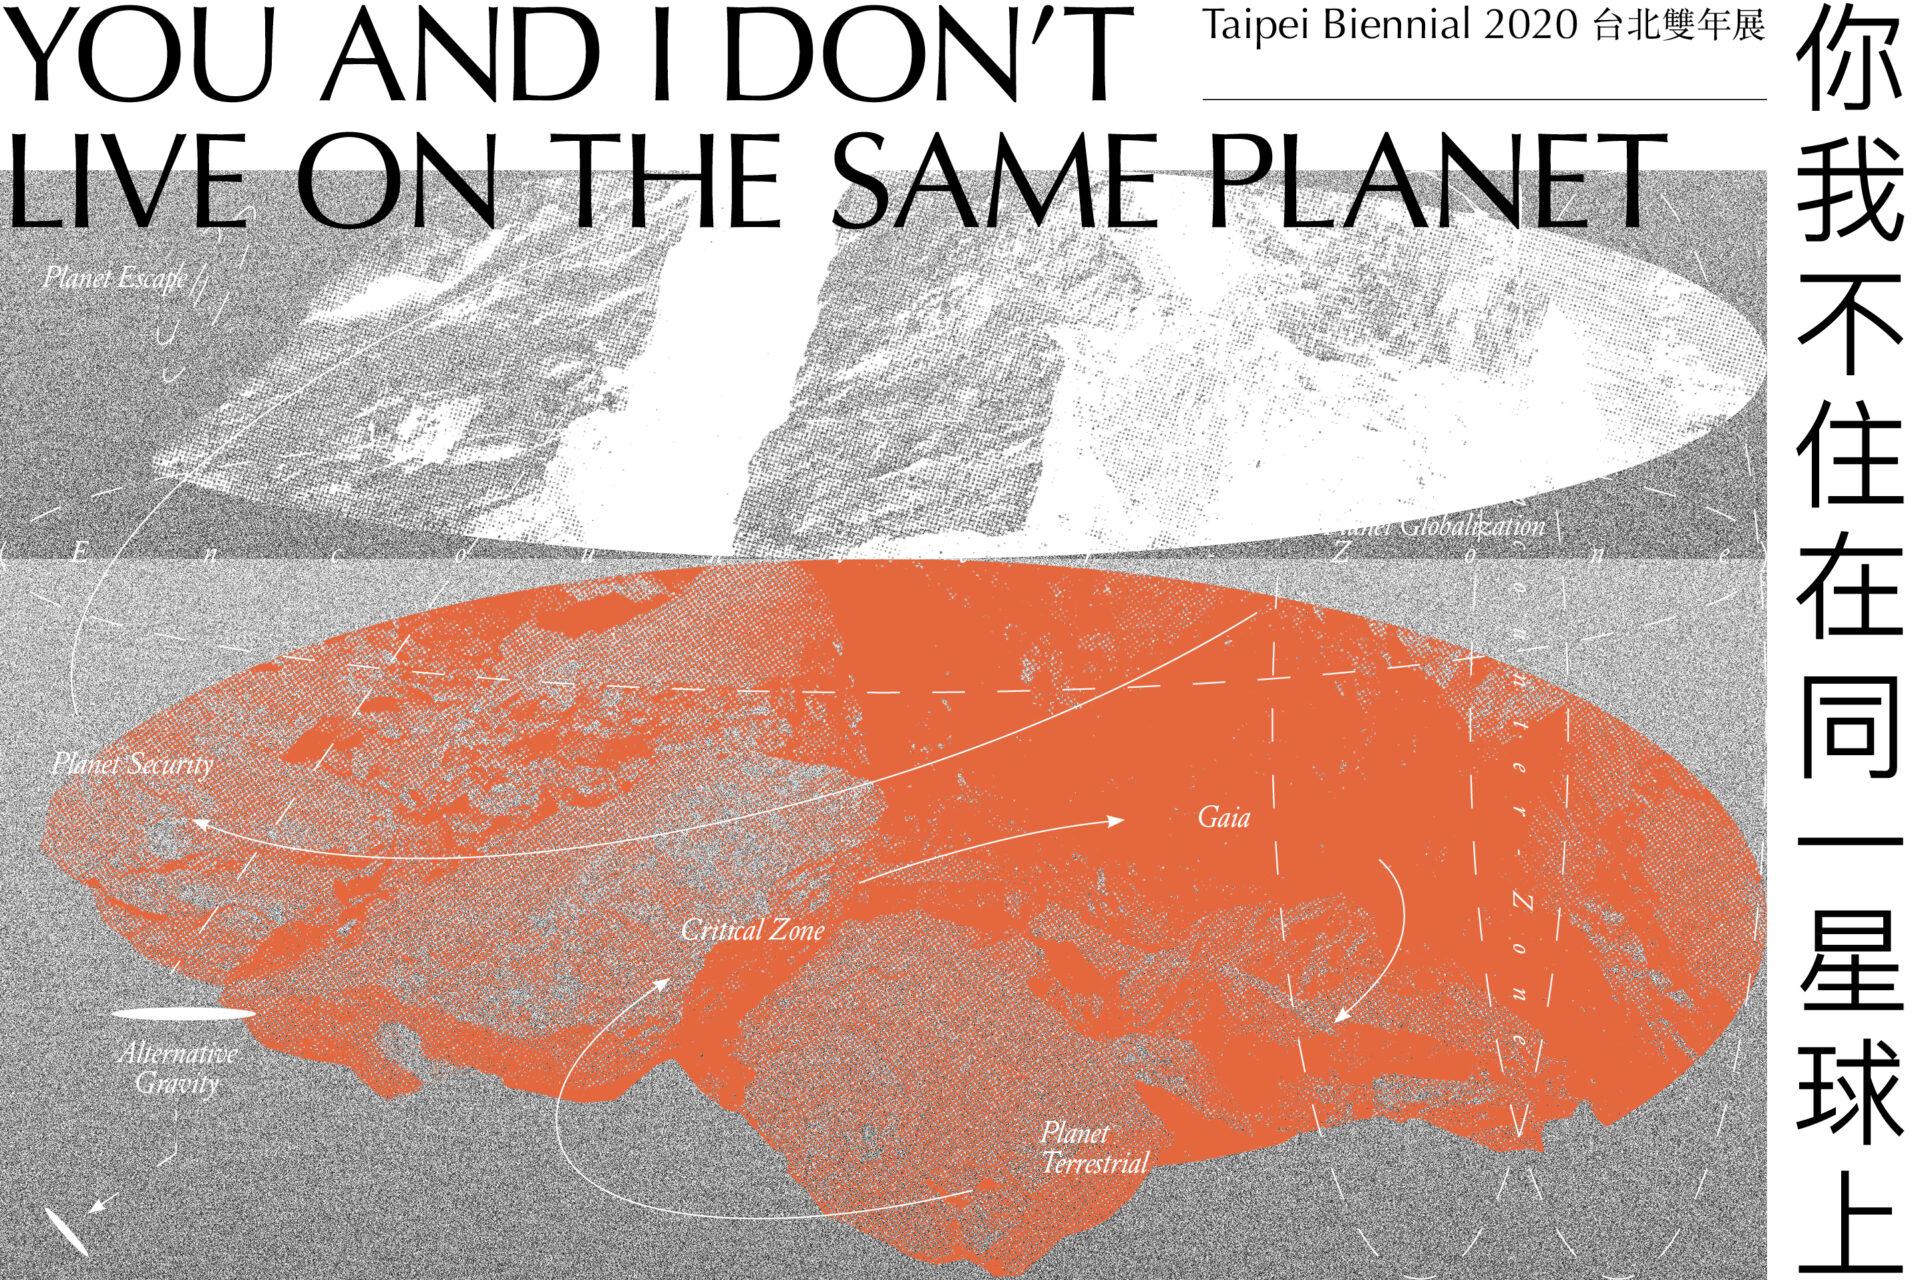 臺北市立美術館:2020/11/21-2021/03/14【2020台北雙年展:你我不住在同一星球上】